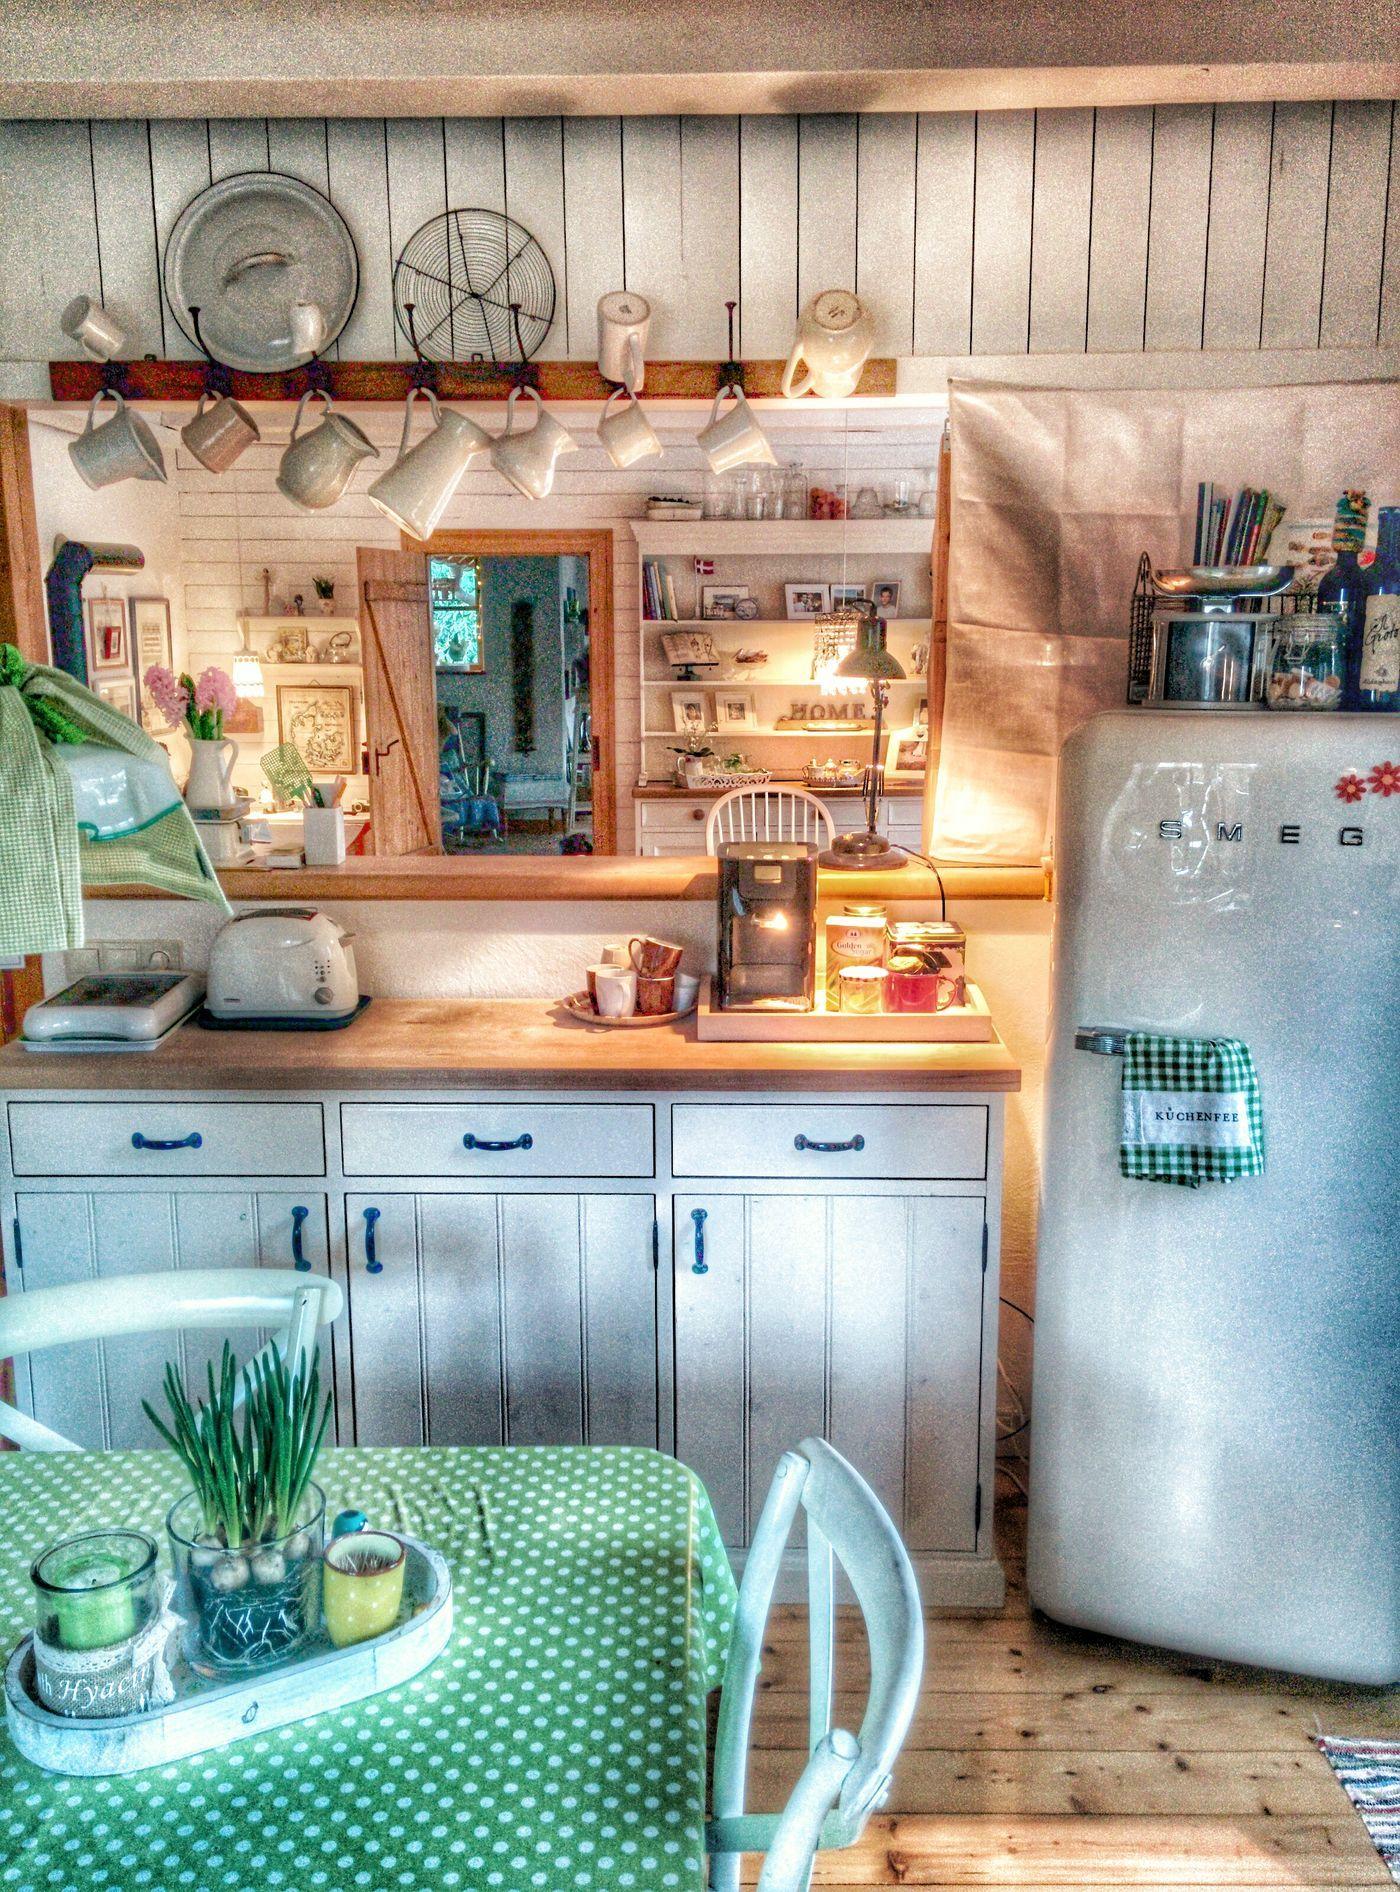 Wunderbar Küchenarbeit Stuhl Mit Rädern Bilder - Küche Set Ideen ...